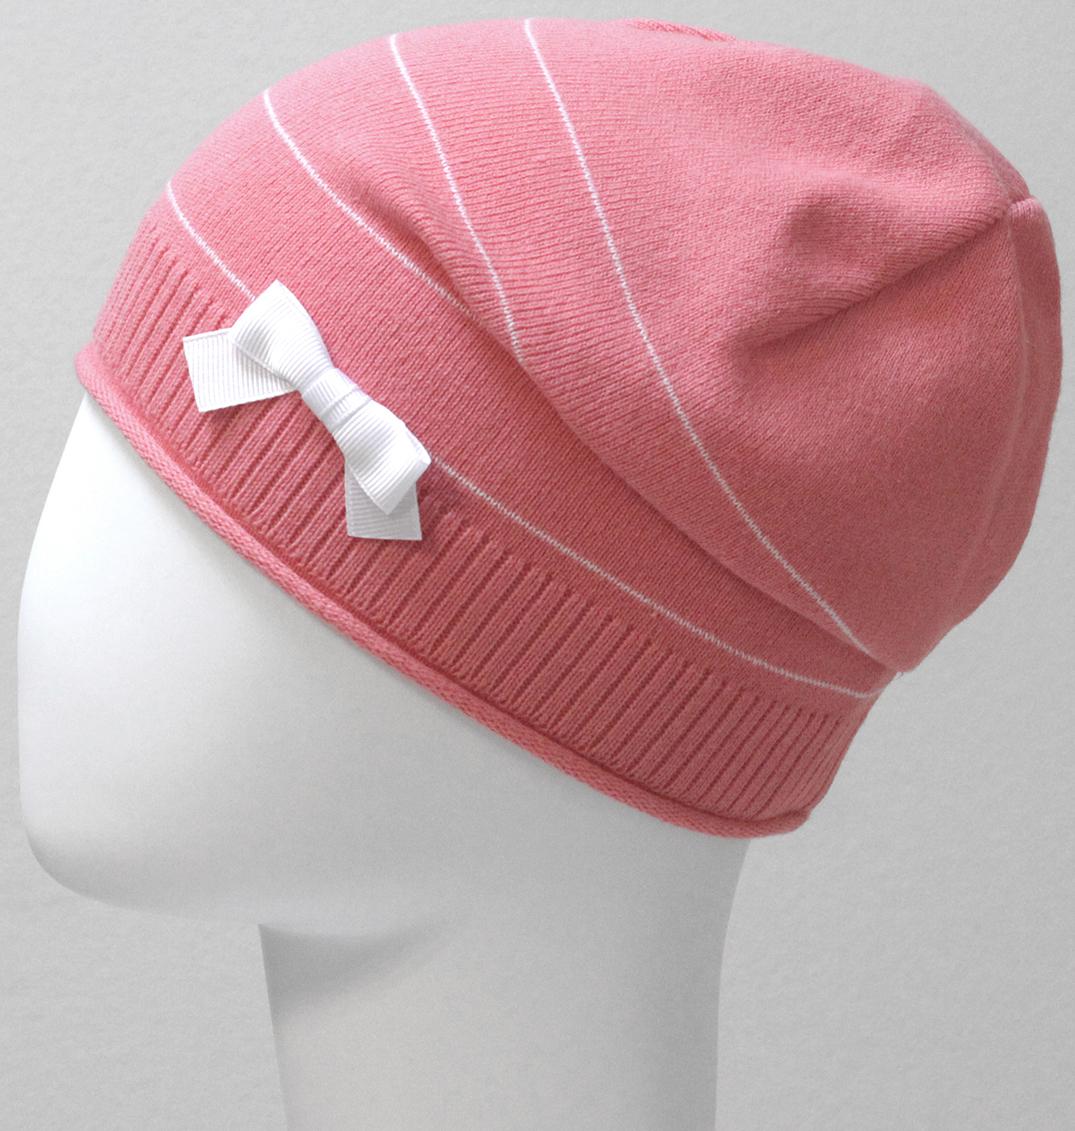 Шапка для девочки Marhatter, цвет: коралловый. MGH6525. Размер 52/54MGH6525Детская хлопковая ажурная шапка Marhatter для маленьких модниц, украшенная бантиком. Уважаемые клиенты!Размер, доступный для заказа, является обхватом головы.